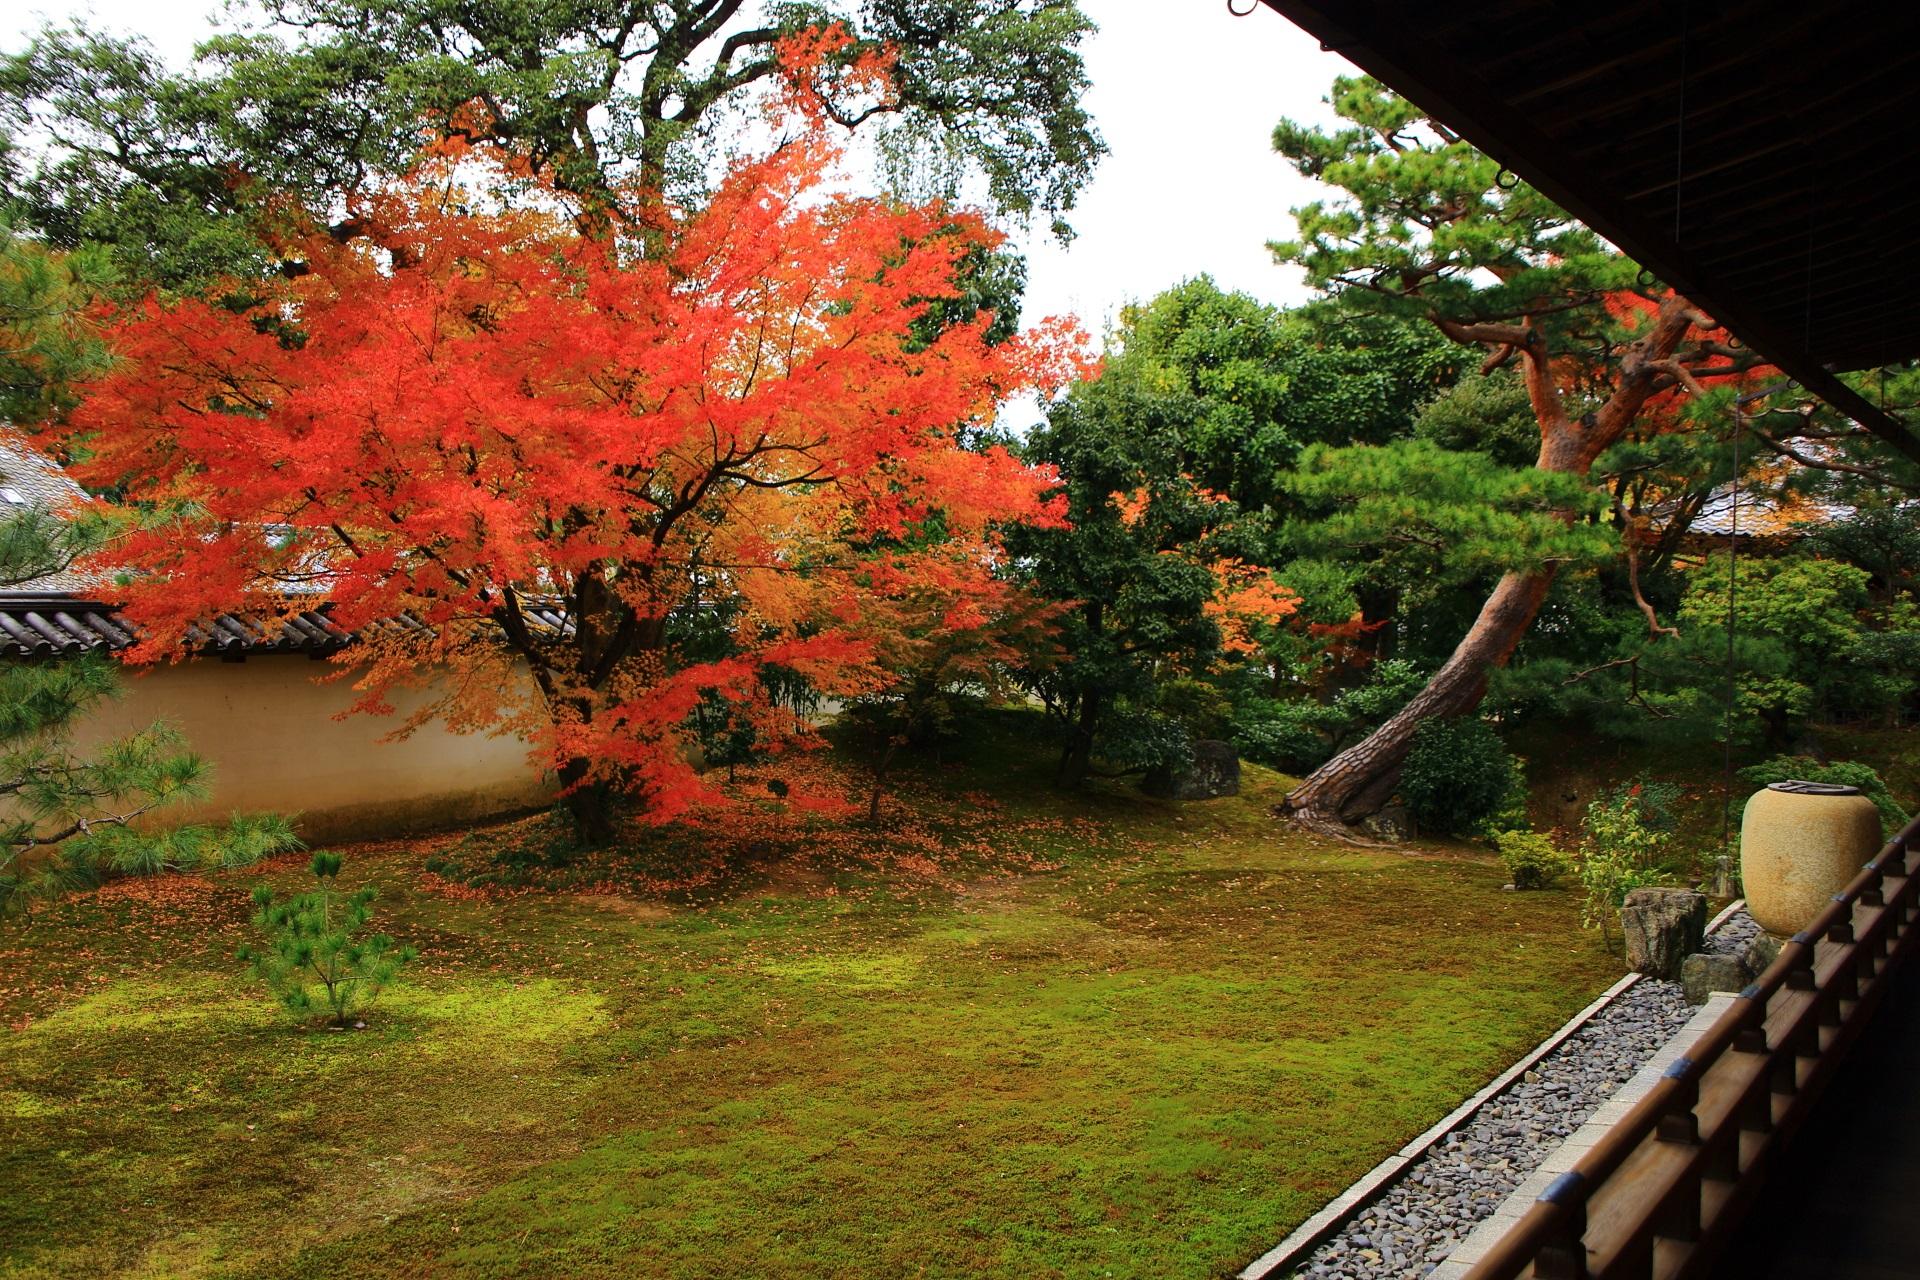 上品な彩りにつつまれた相国寺の秋の方丈